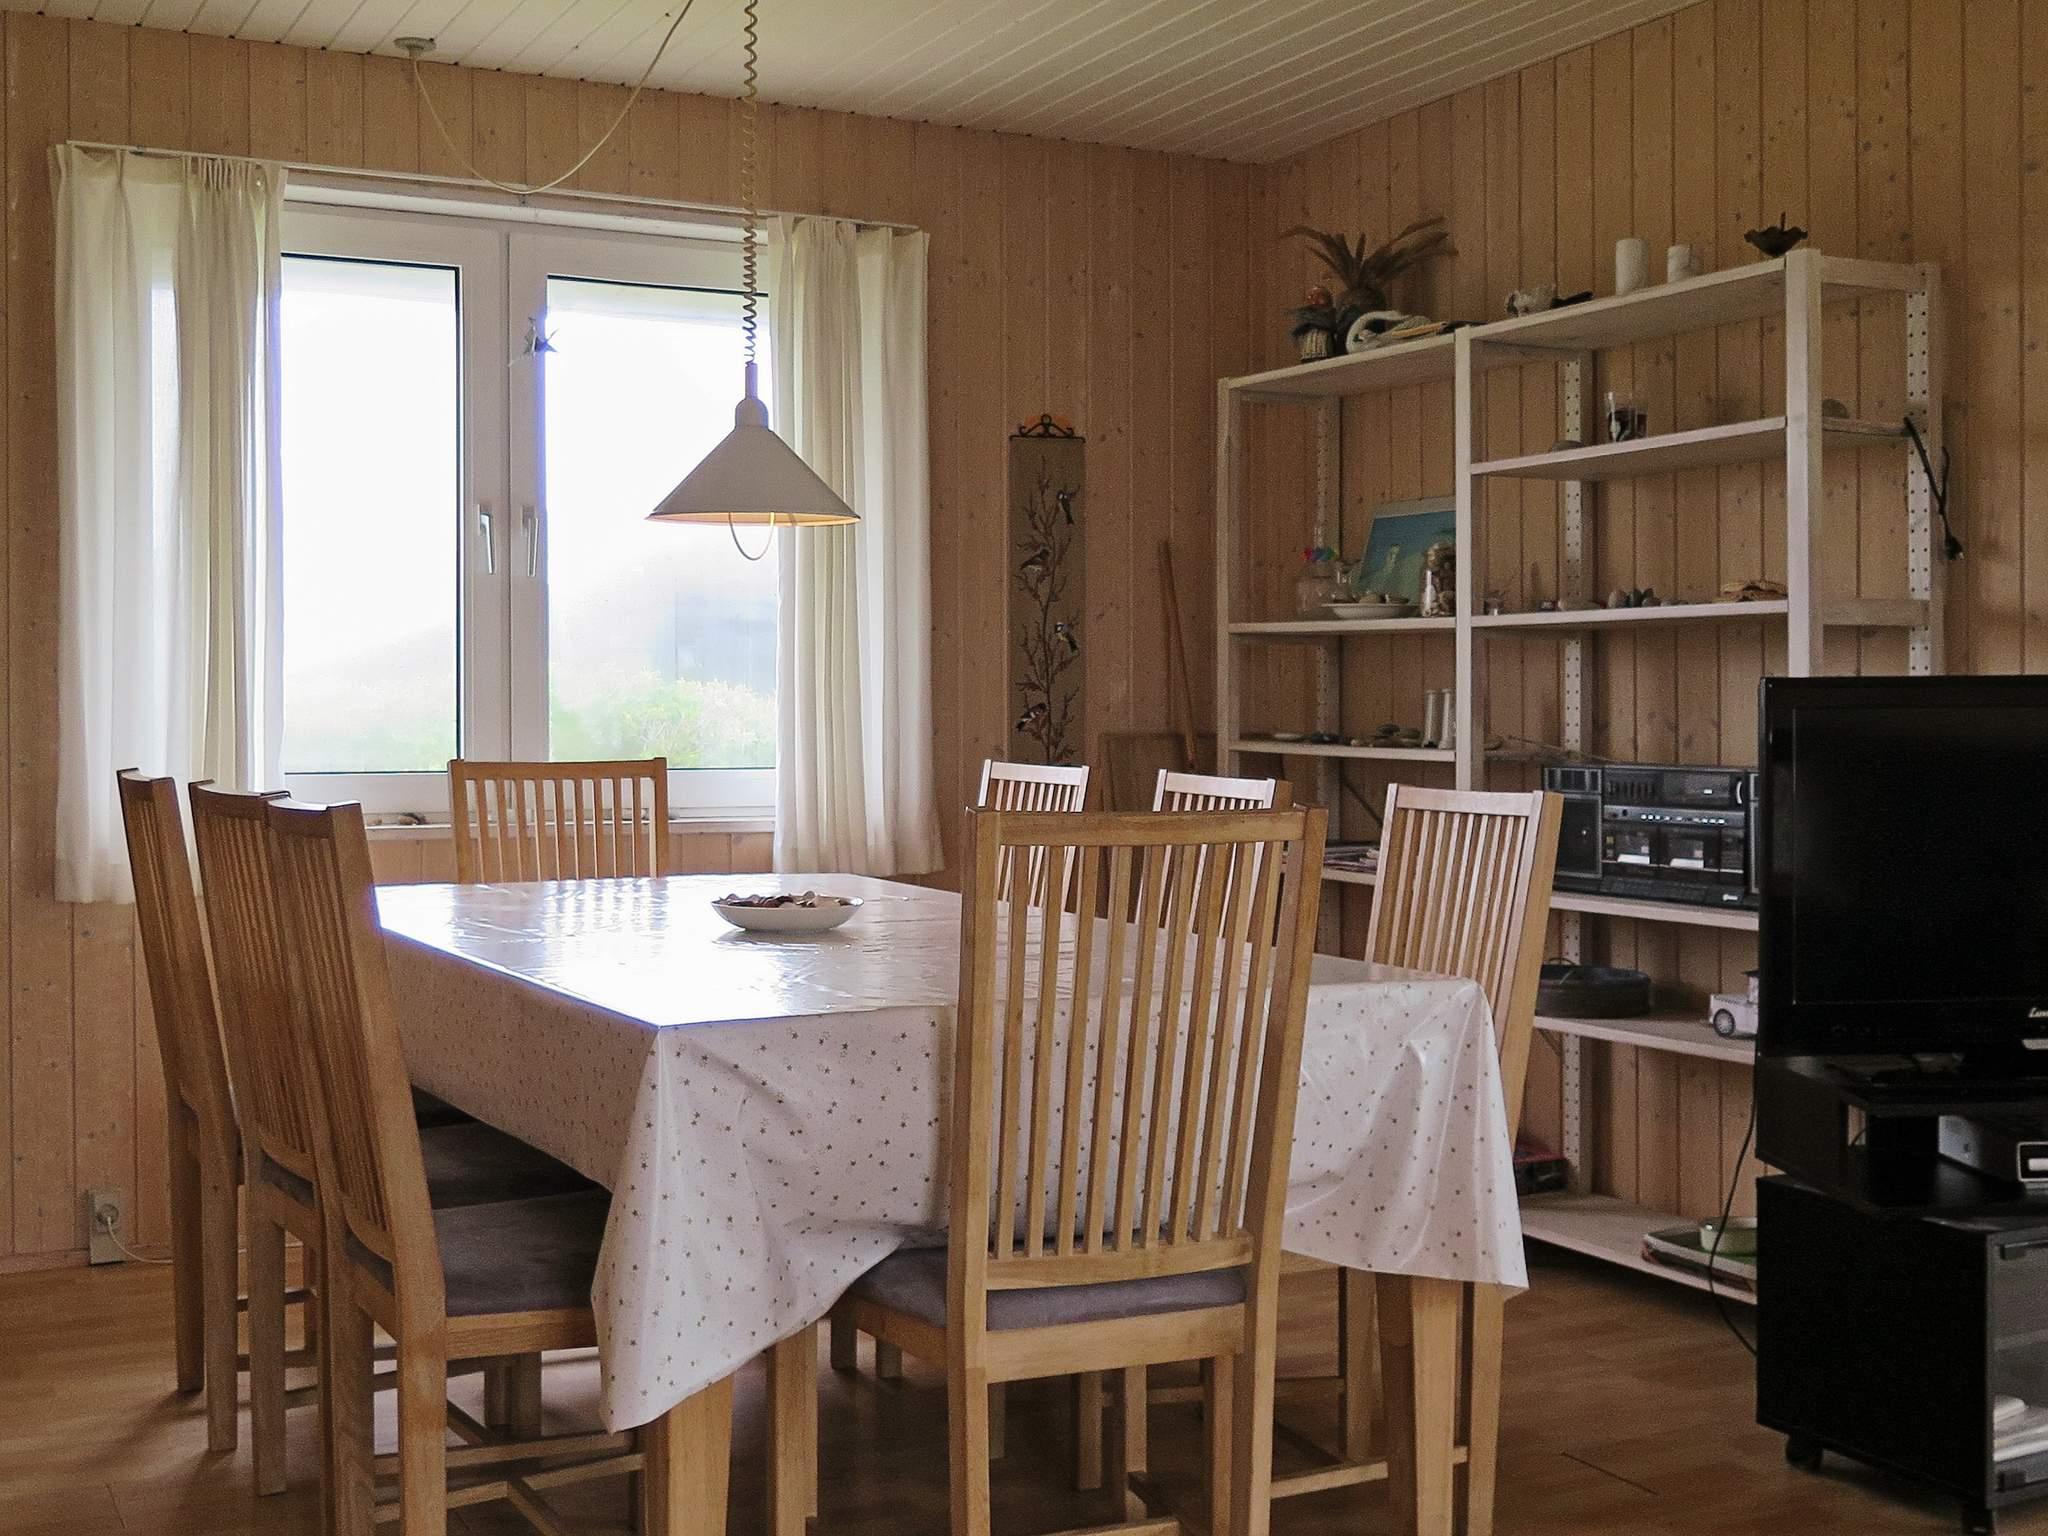 Ferienhaus Vejlby Klit (88925), Harboøre, , Limfjord, Dänemark, Bild 6